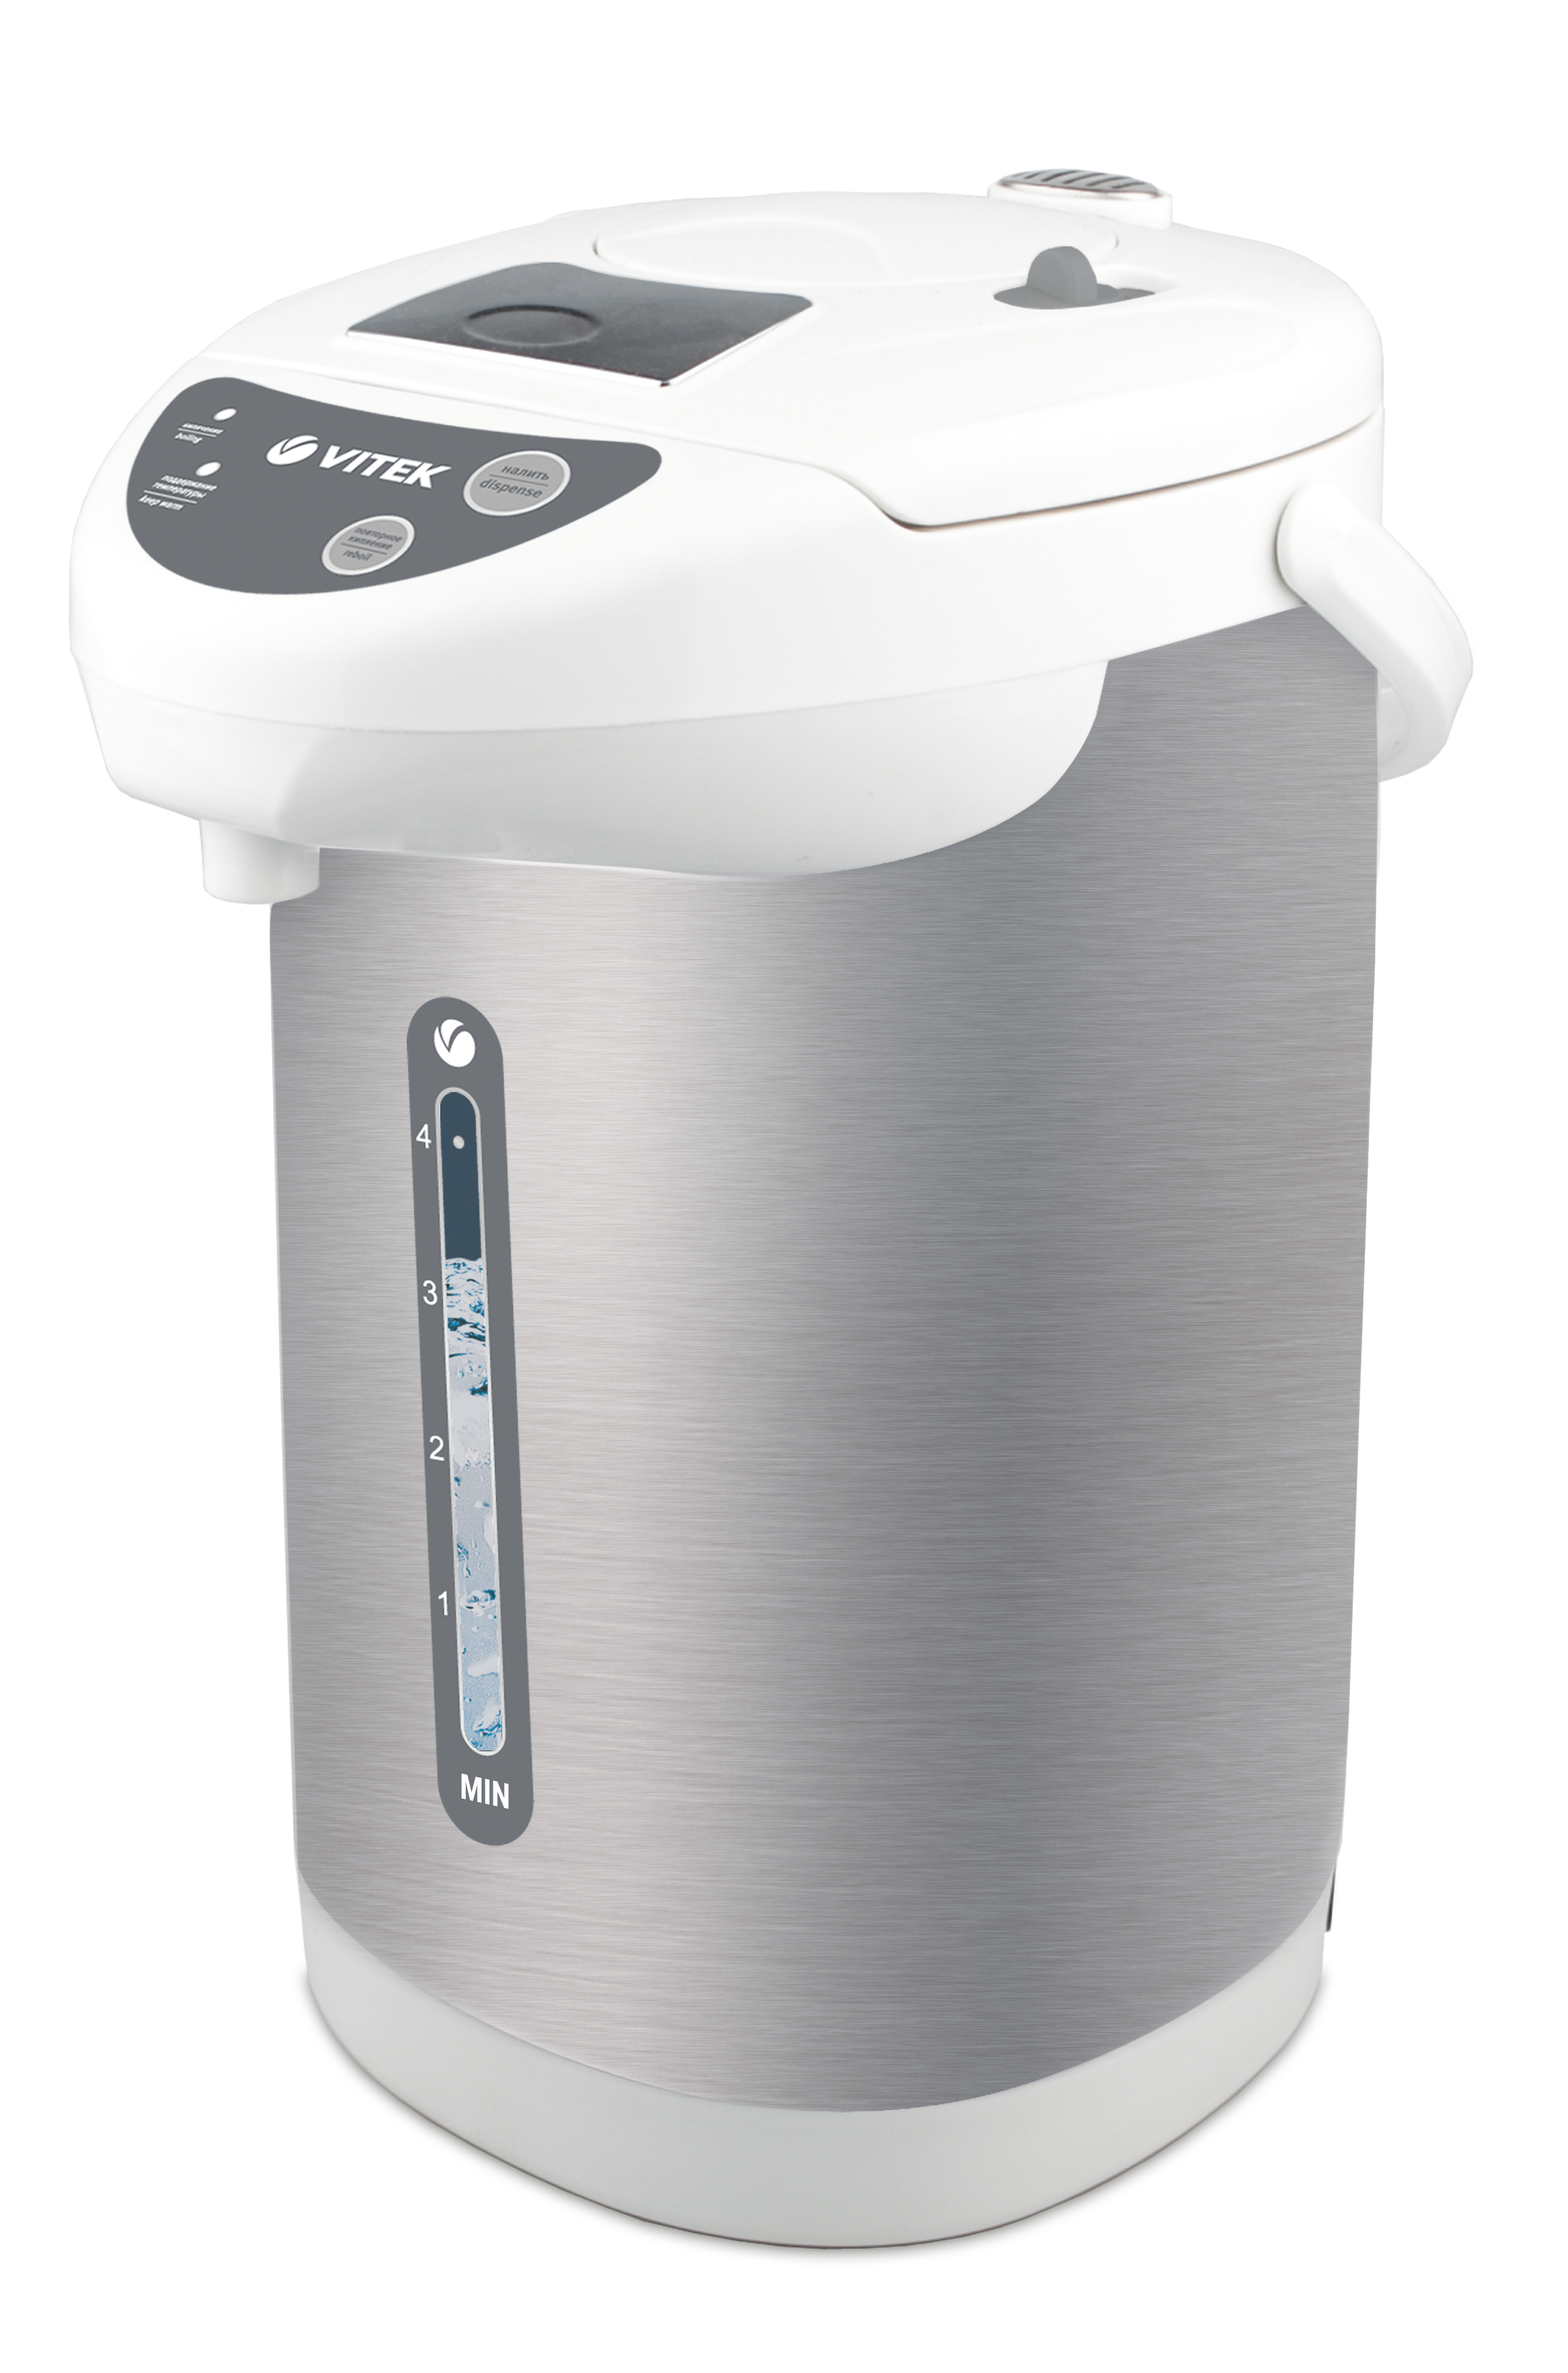 Teapot warmer Vitek VT-1196